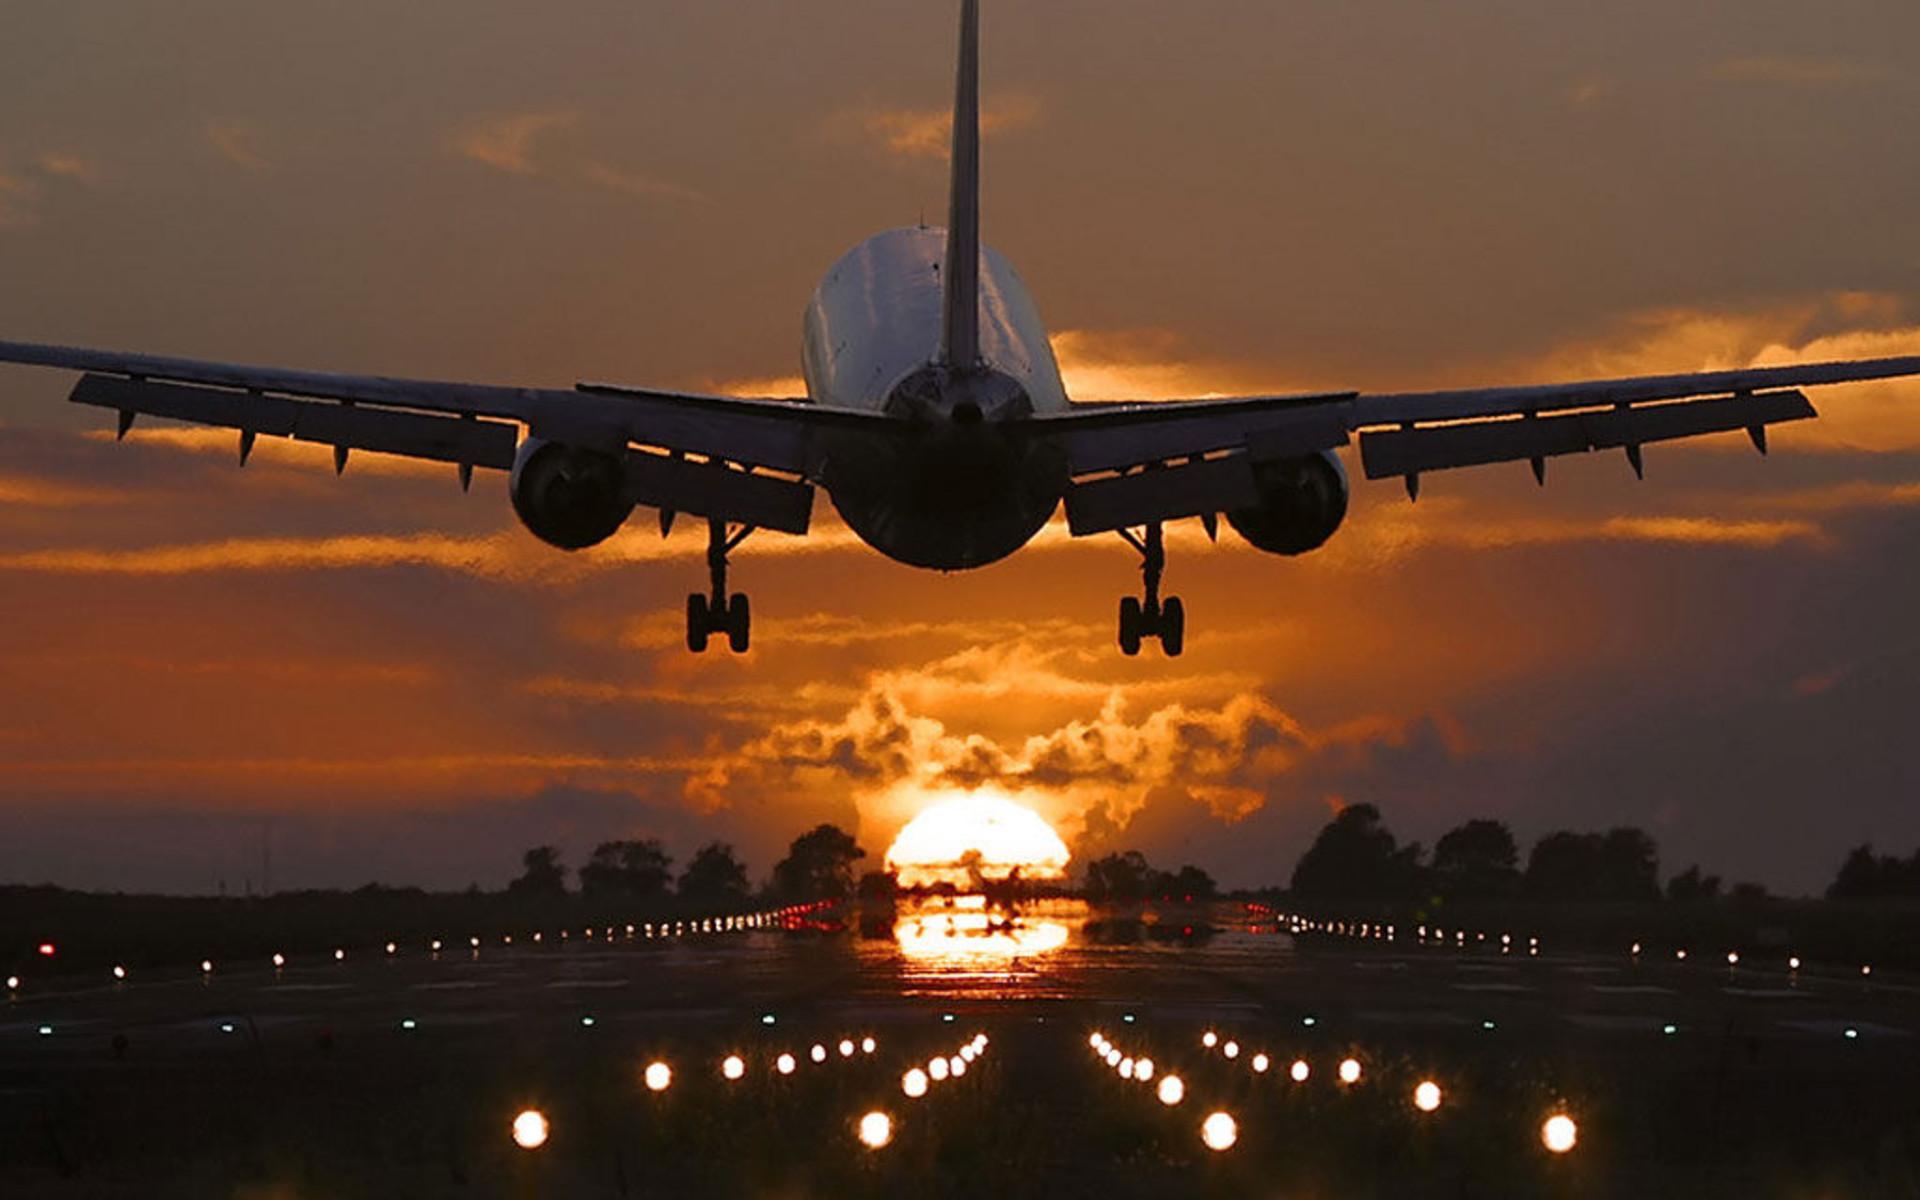 170 - Аэропорт Мамаи (Mamai) коды IATA: MAP ICAO:  город: Мамаи (Mamai) страна: Папуа - Новая Гвинея (Papua New Guinea)